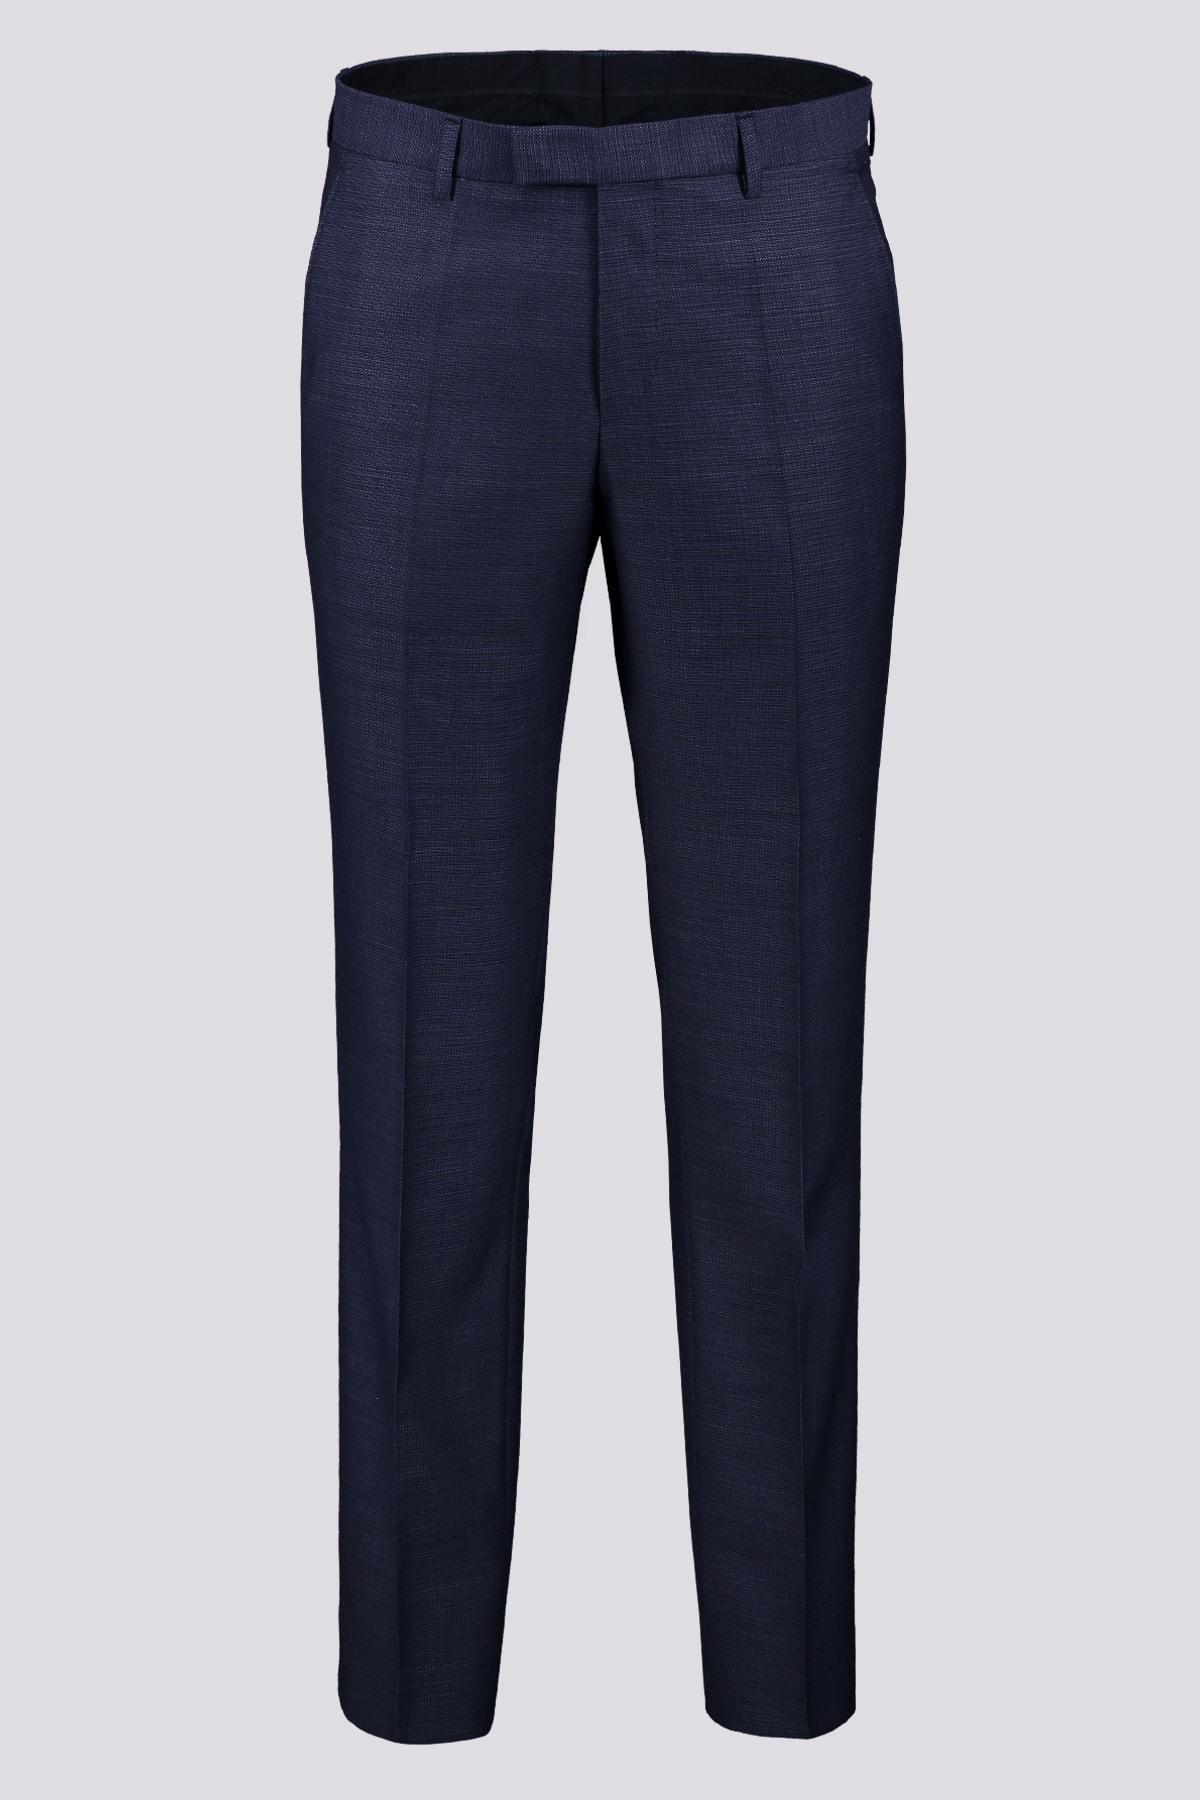 Pantalon formal marca BOSS en color azul marino 100% lana virgen